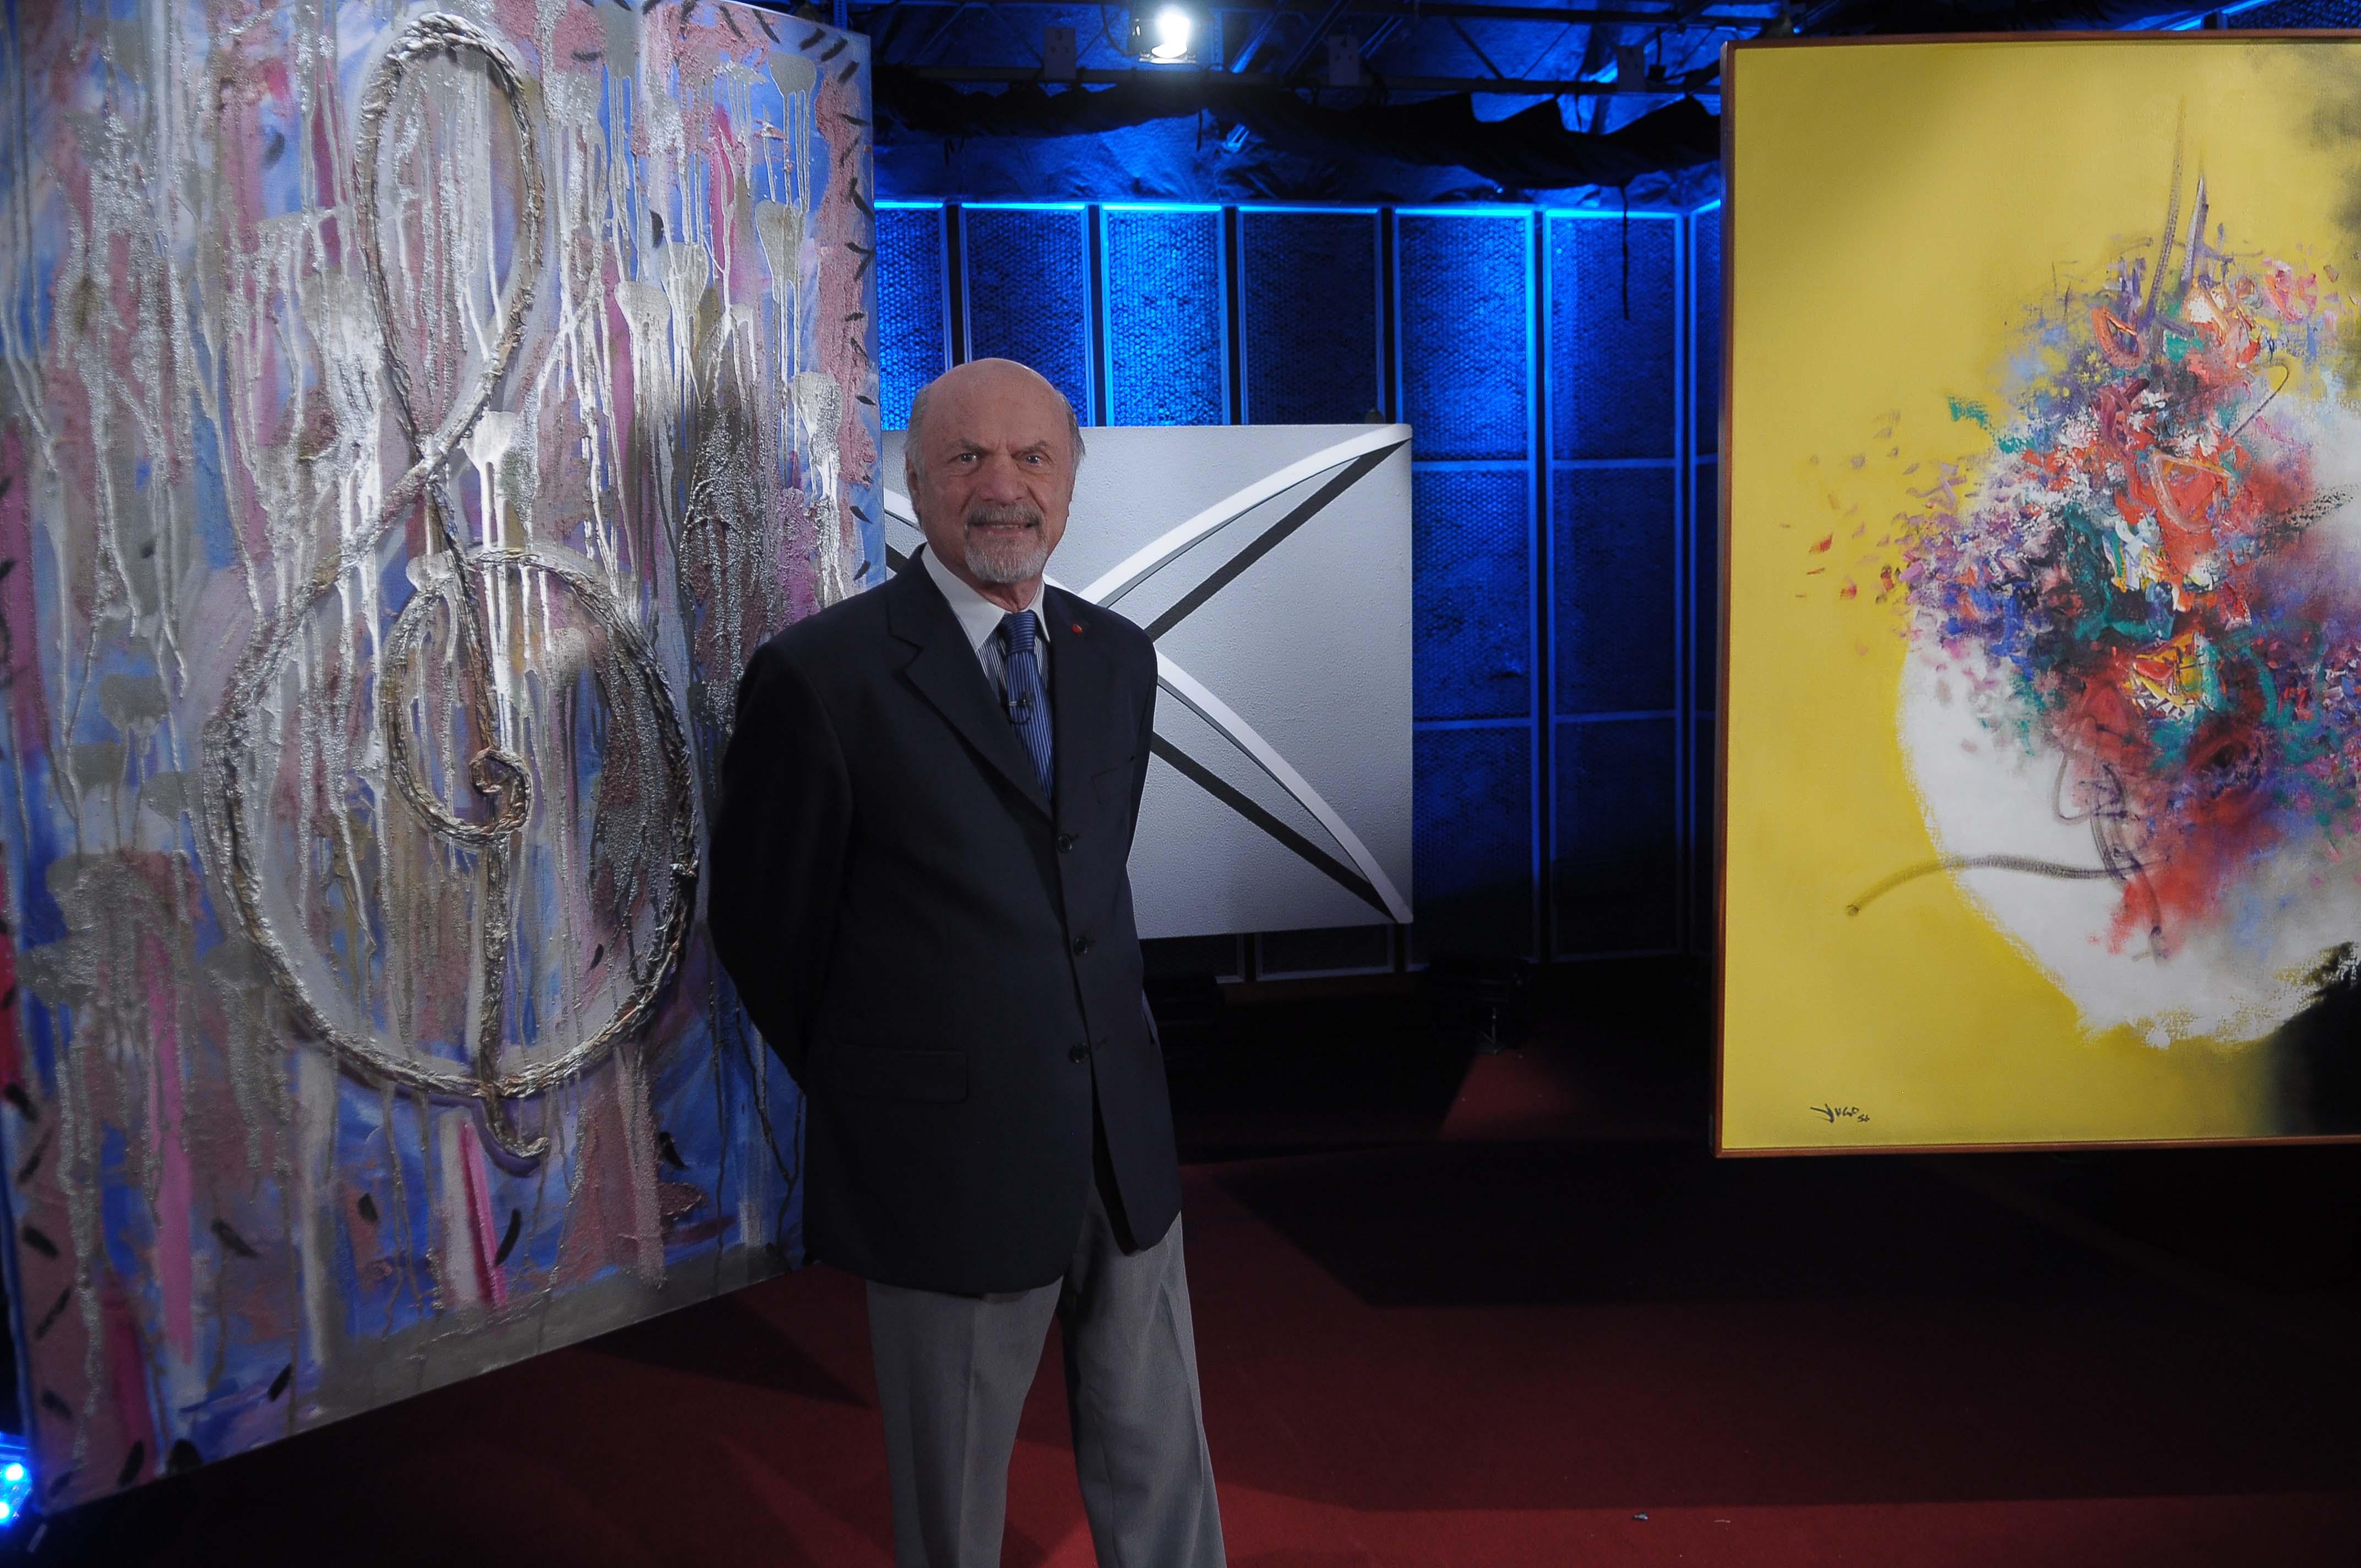 Programa da TV Cultura, comandado pelo maestro Júlio Medaglia, vai ao ar neste domingo (21/08)